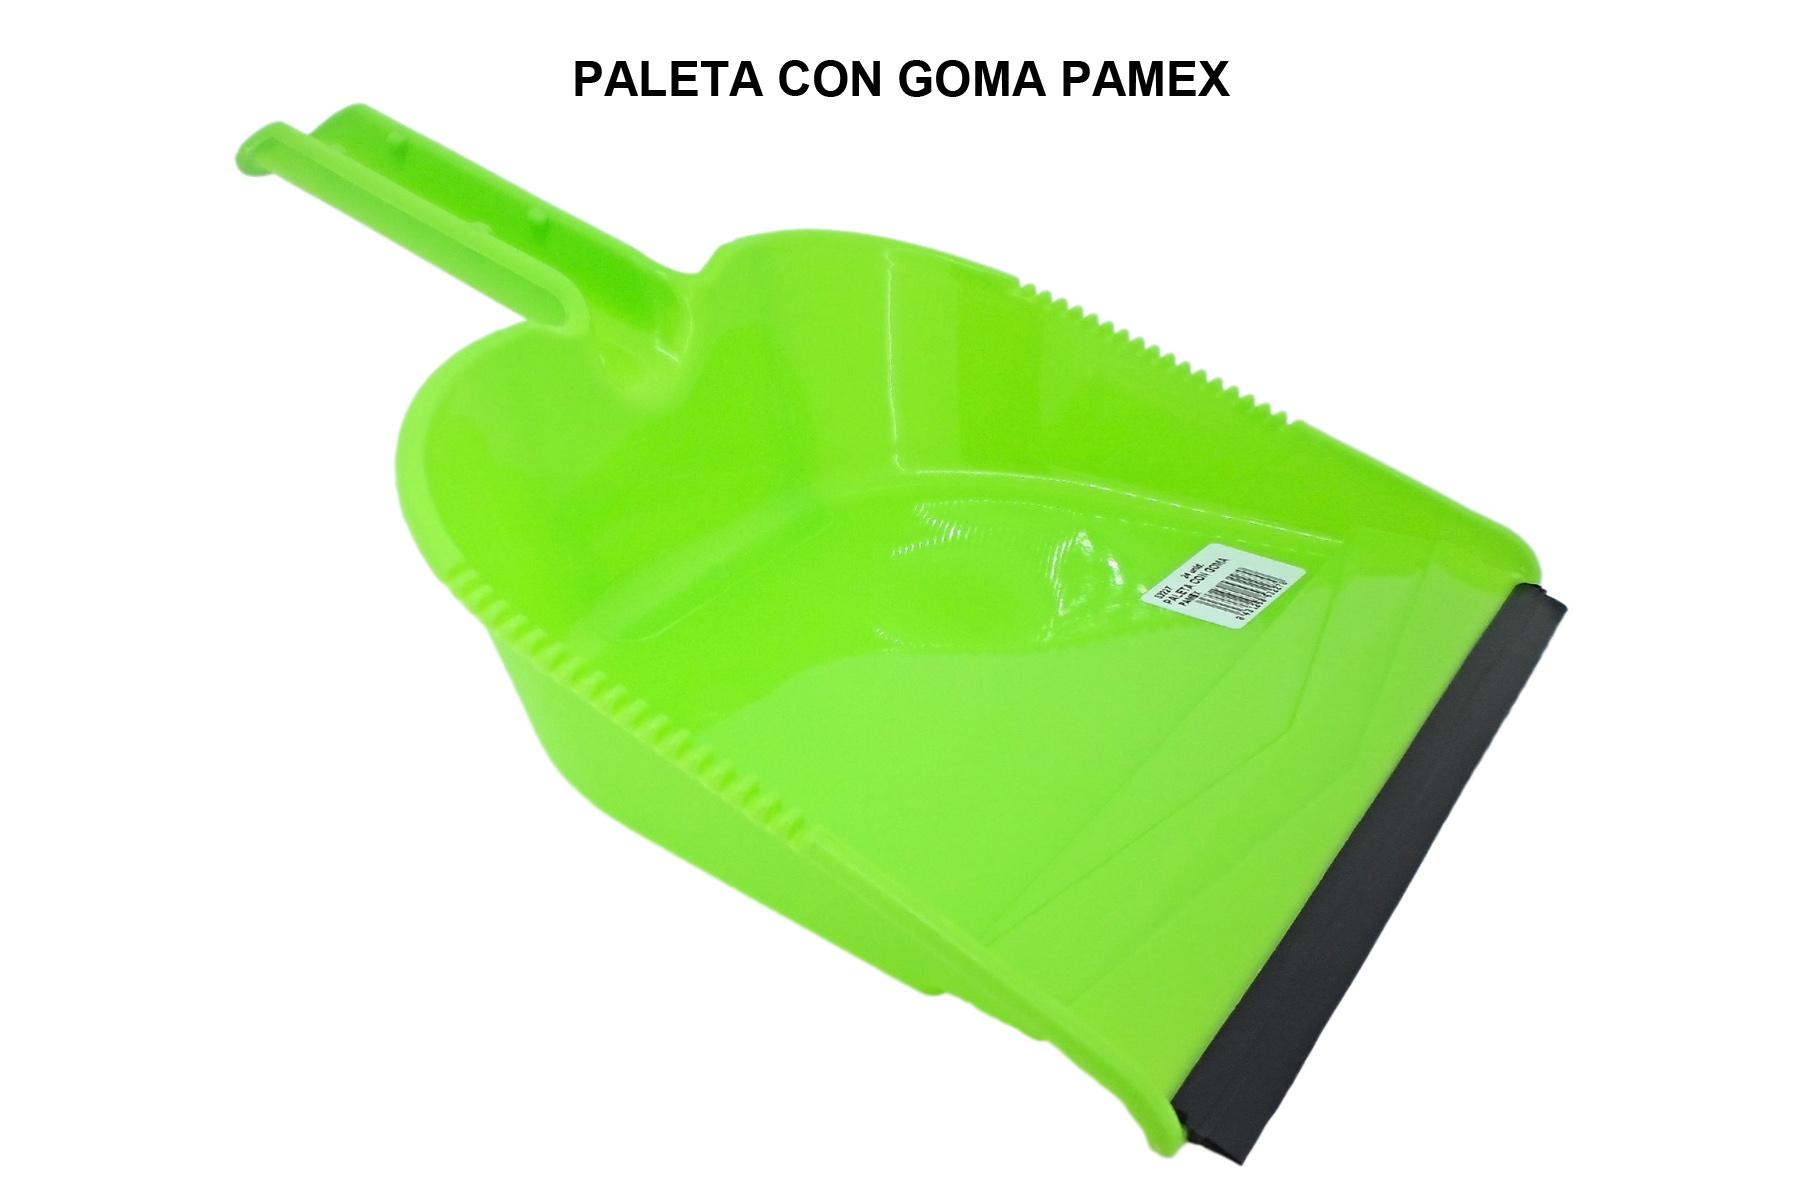 PALETA CON GOMA PAMEX